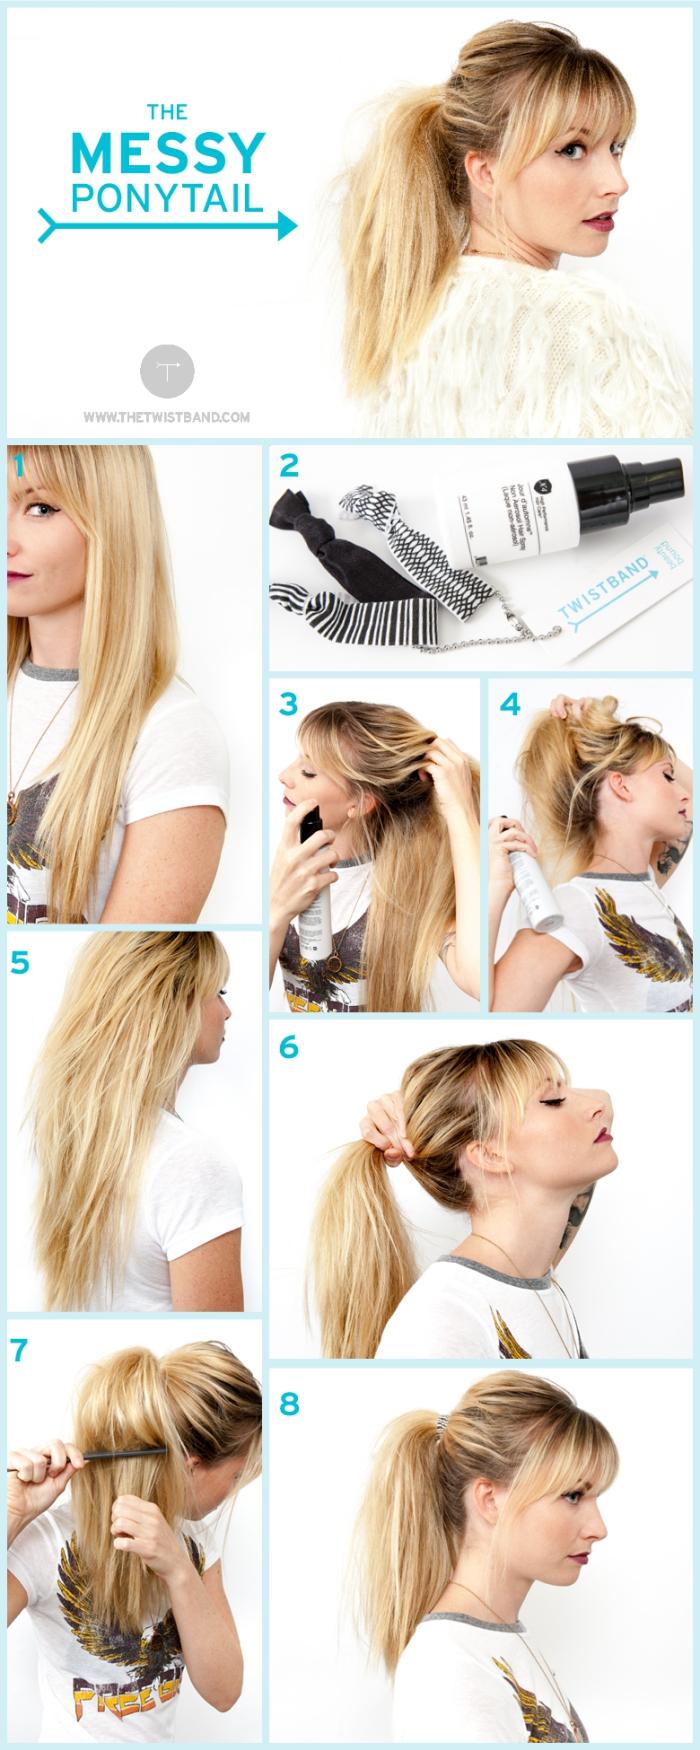 tutoriel facile pour attacher les cheveux en queue de cheval avec frange, maquillage avec lèvres rouges et eye-liner noir